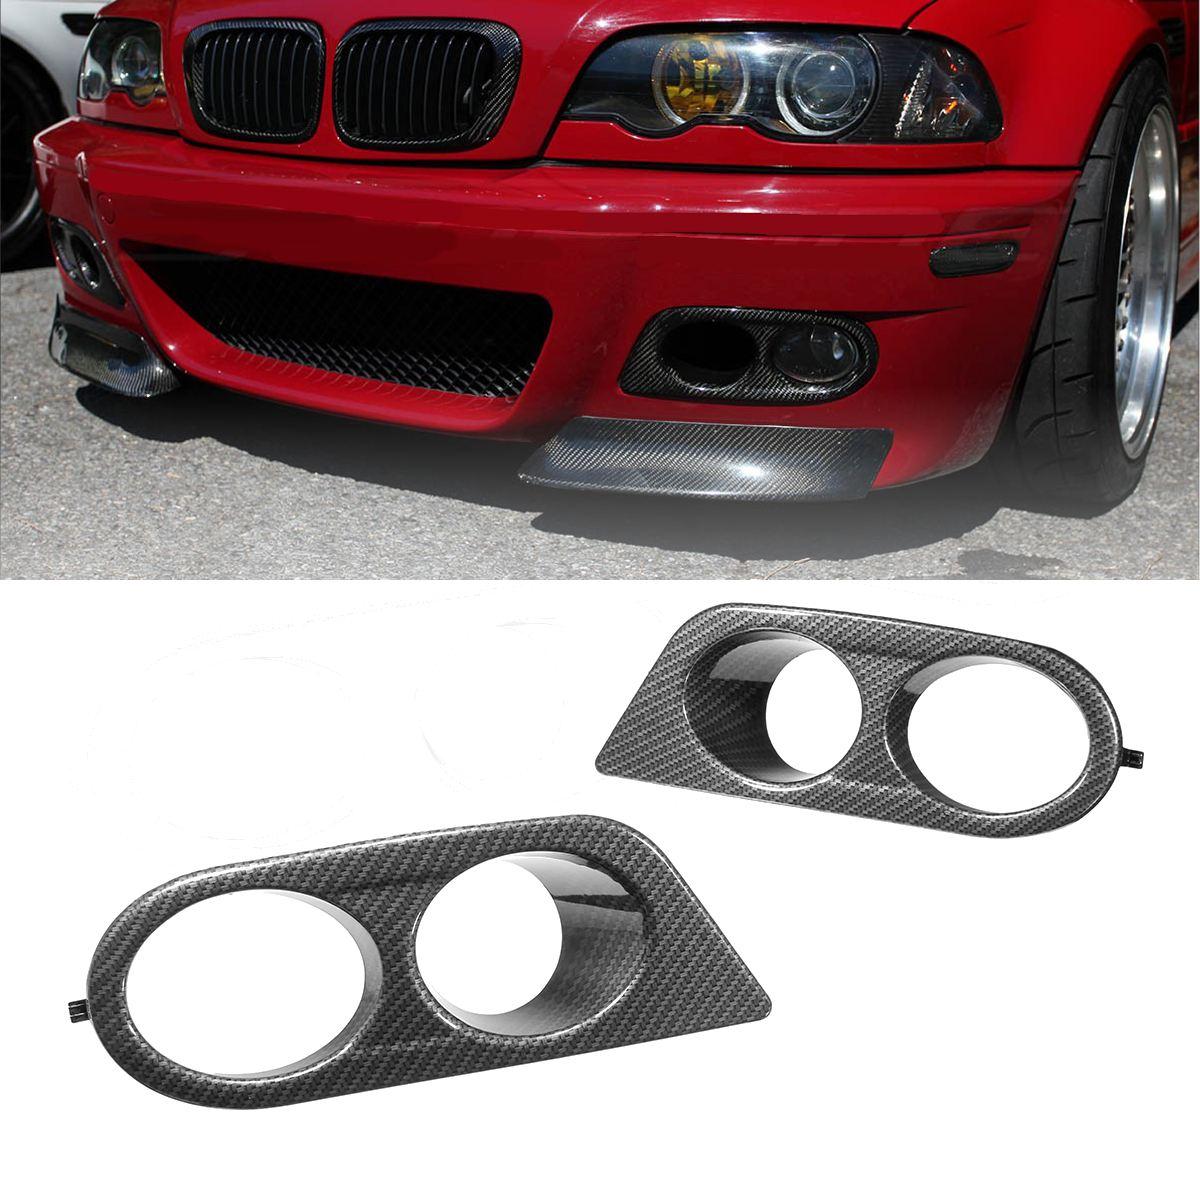 זוג רכב ערפל אור מכסה אוויר היקפי צינור עבור BMW E46 M3 2001-2006 סיבי פחמן מבריק שחור